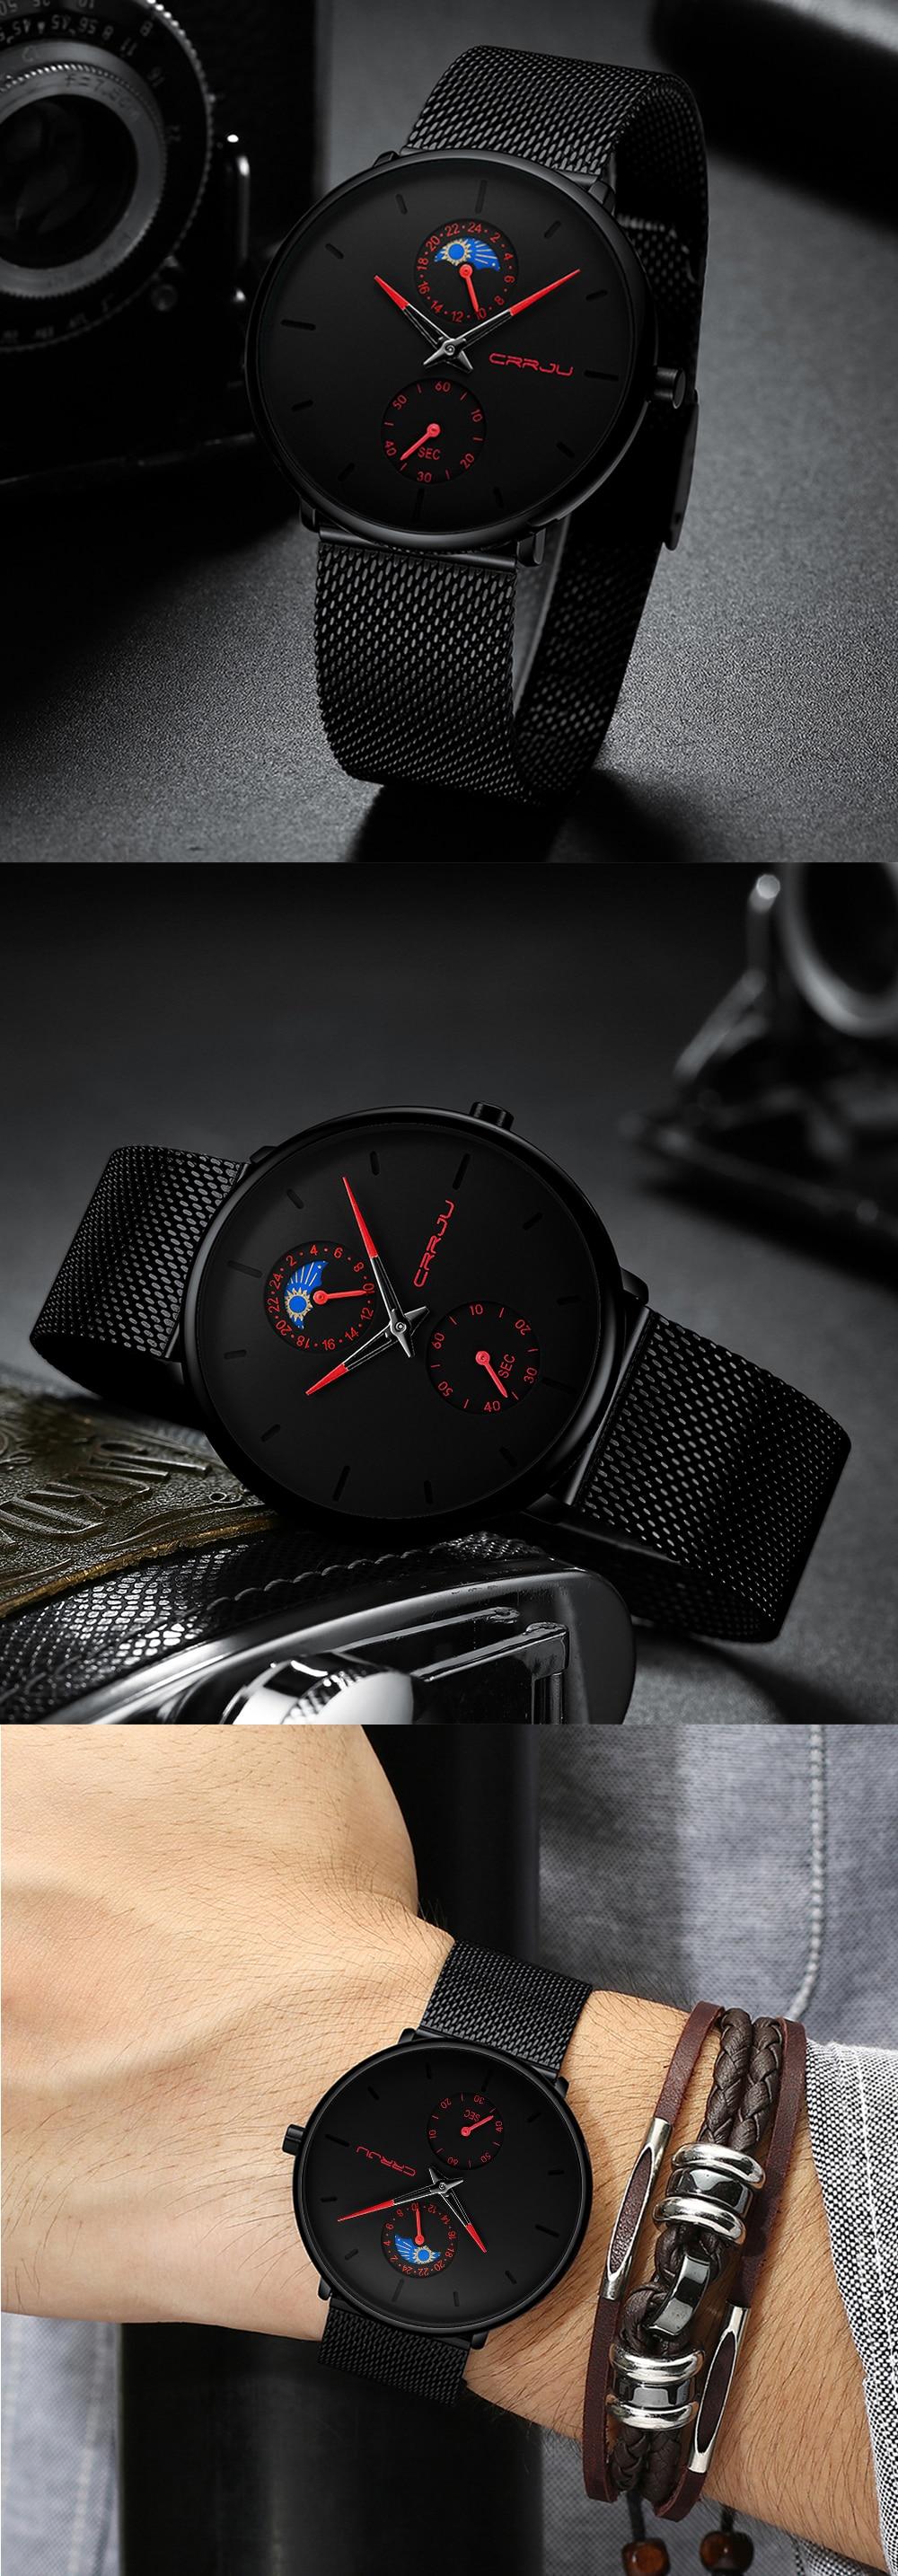 Relogio masculino crrju moda dos homens relógios